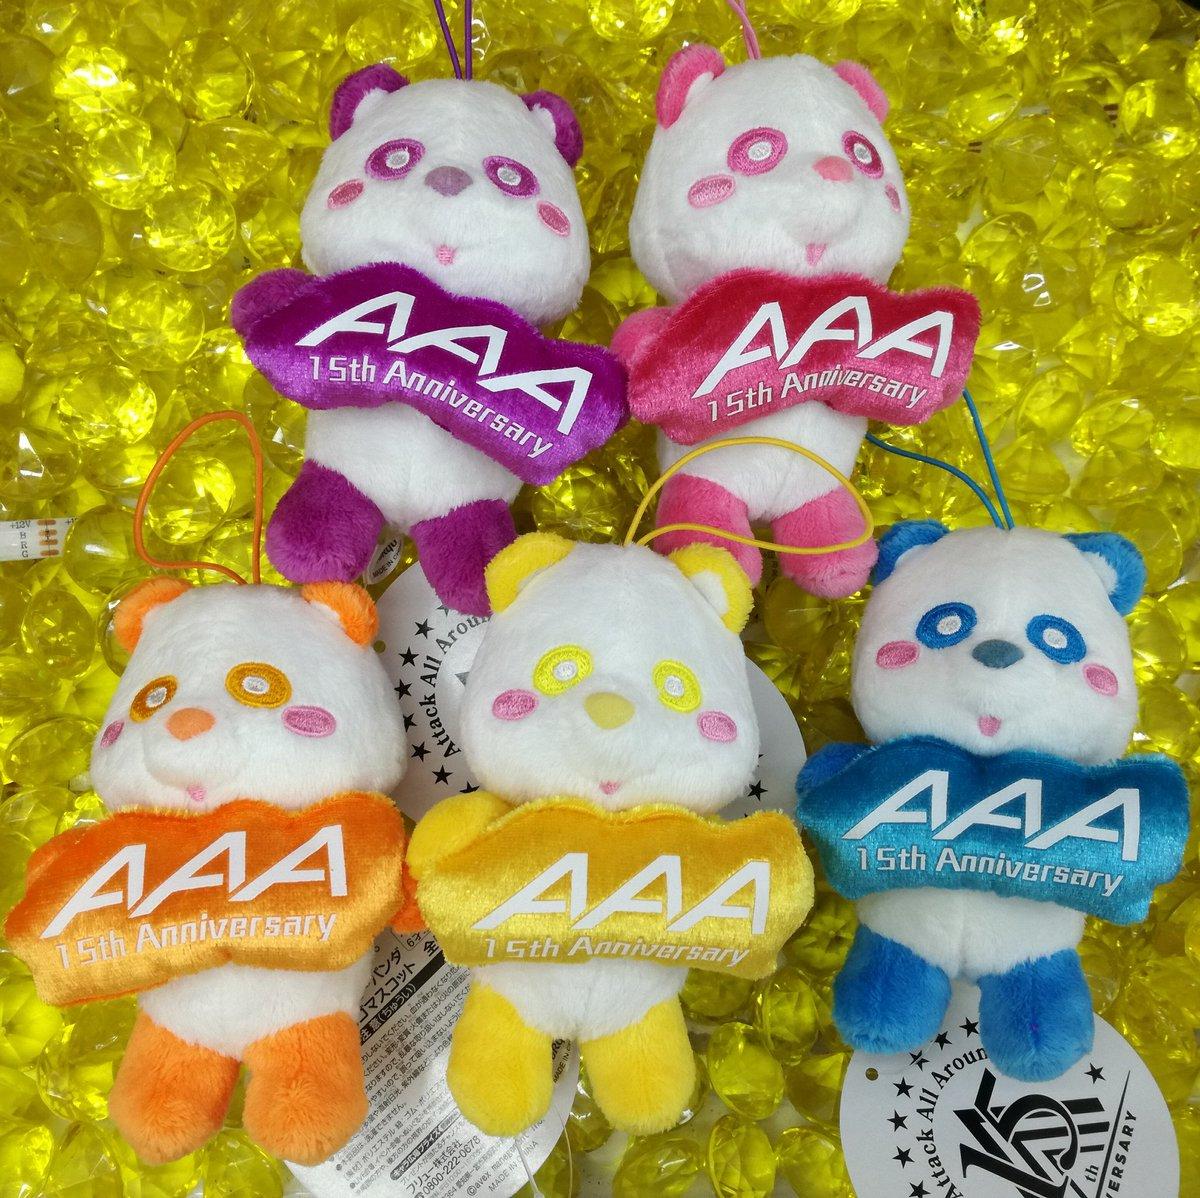 AAA 15周年を記念した アーティストロゴを持った 【え~パンダ】のマスコットが 登場しました🐼🎉  ロゴをぎゅっと大切そうに 抱き締めている姿がとっても可愛い😇  大人気景品ですので、お早めに🚙💨 #AAA #え~パンダ https://t.co/Wo4mMGNPtt